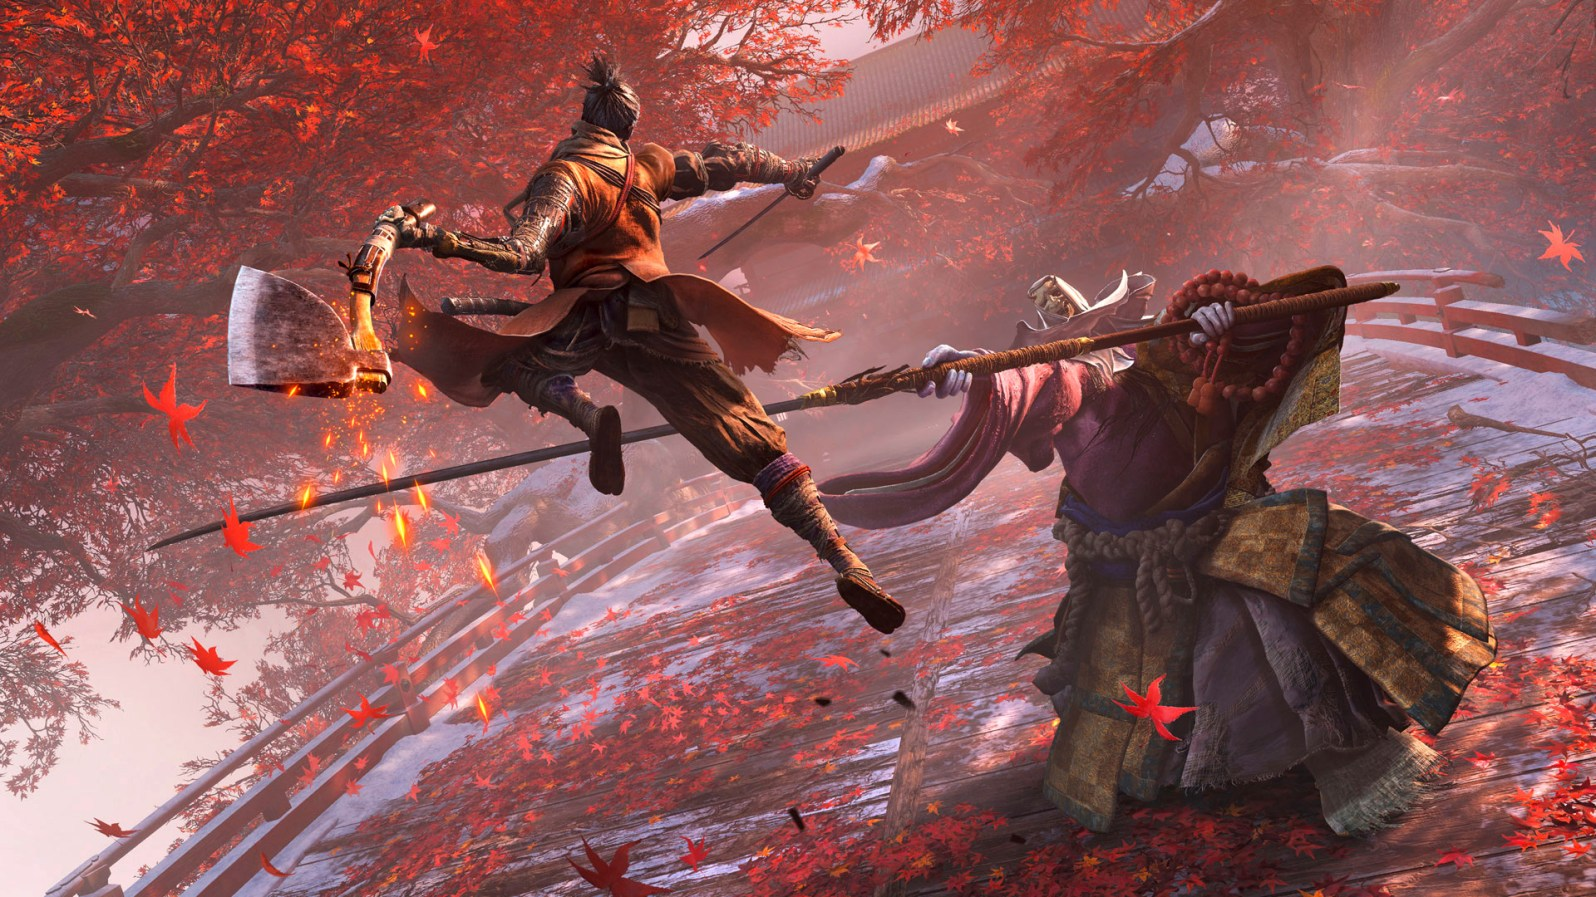 Quelle: sekirothegame.com - Sekiro: Shadows Die Twice